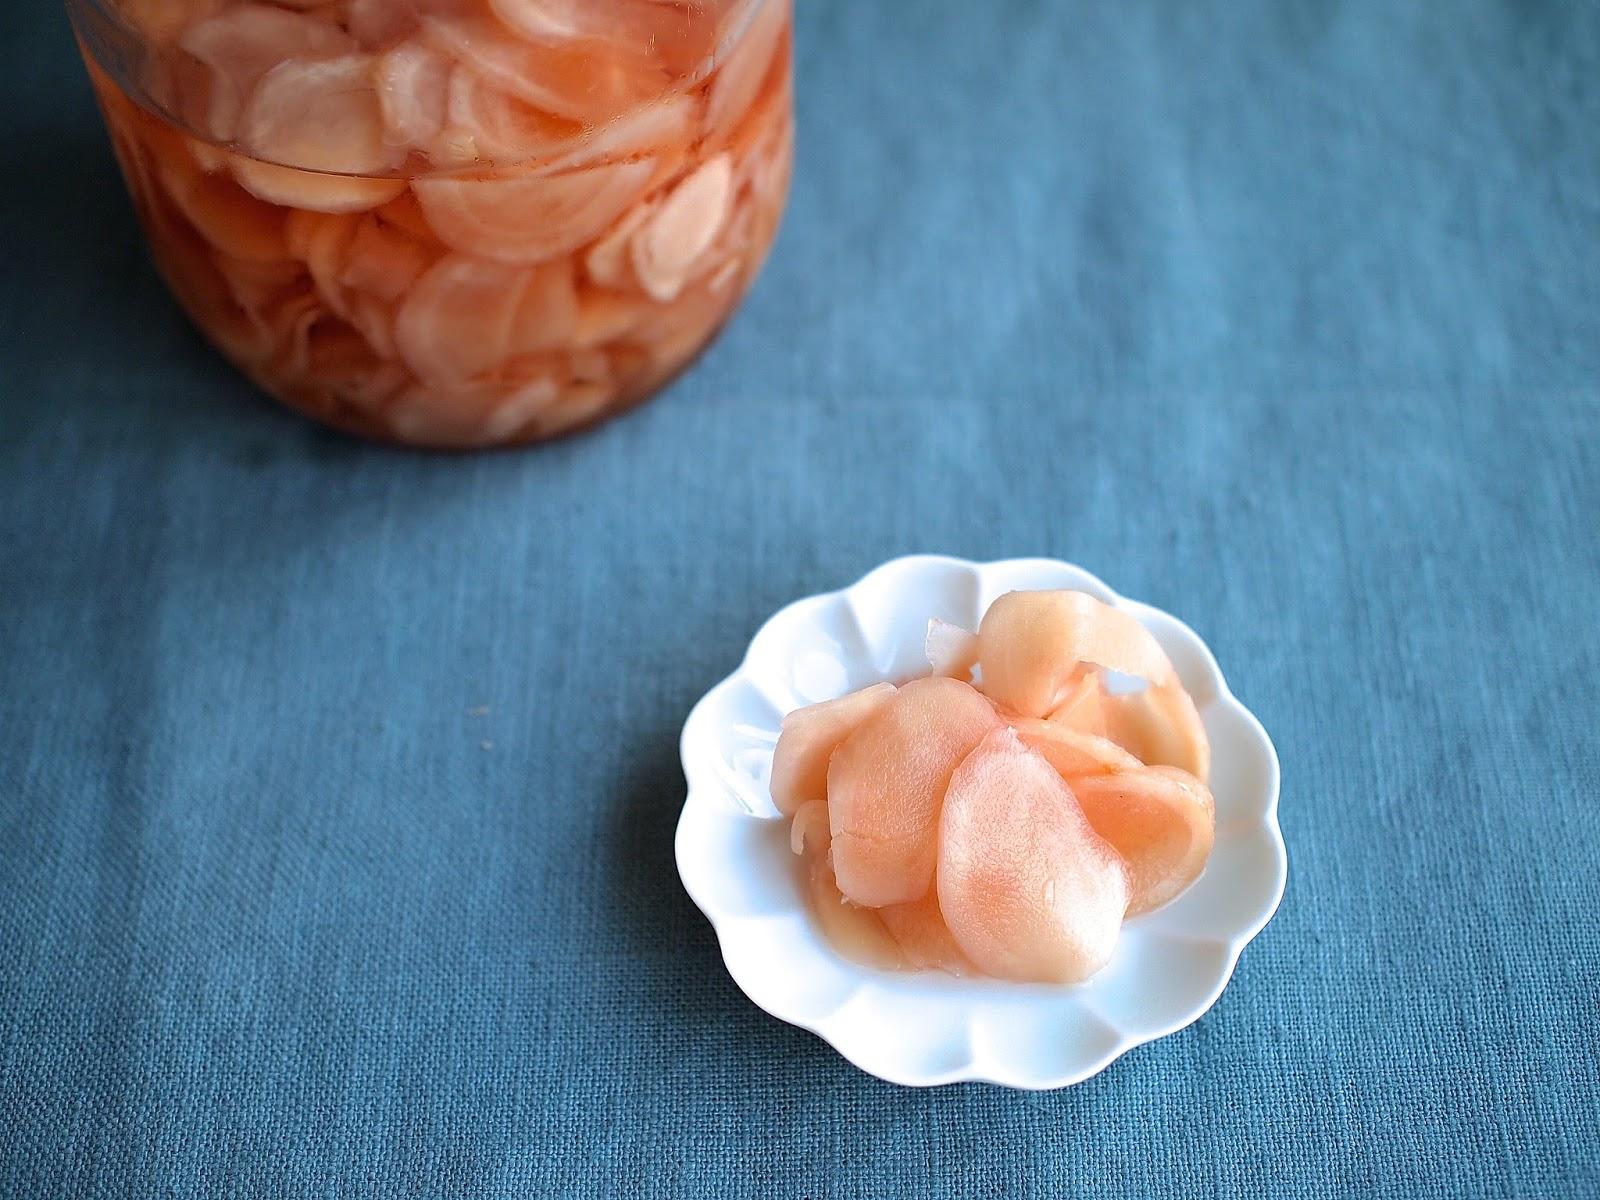 Маринованный имбирь: делаем дома – пикантная приправа для ваших любимых блюд. как мариновать имбирь в домашних условиях